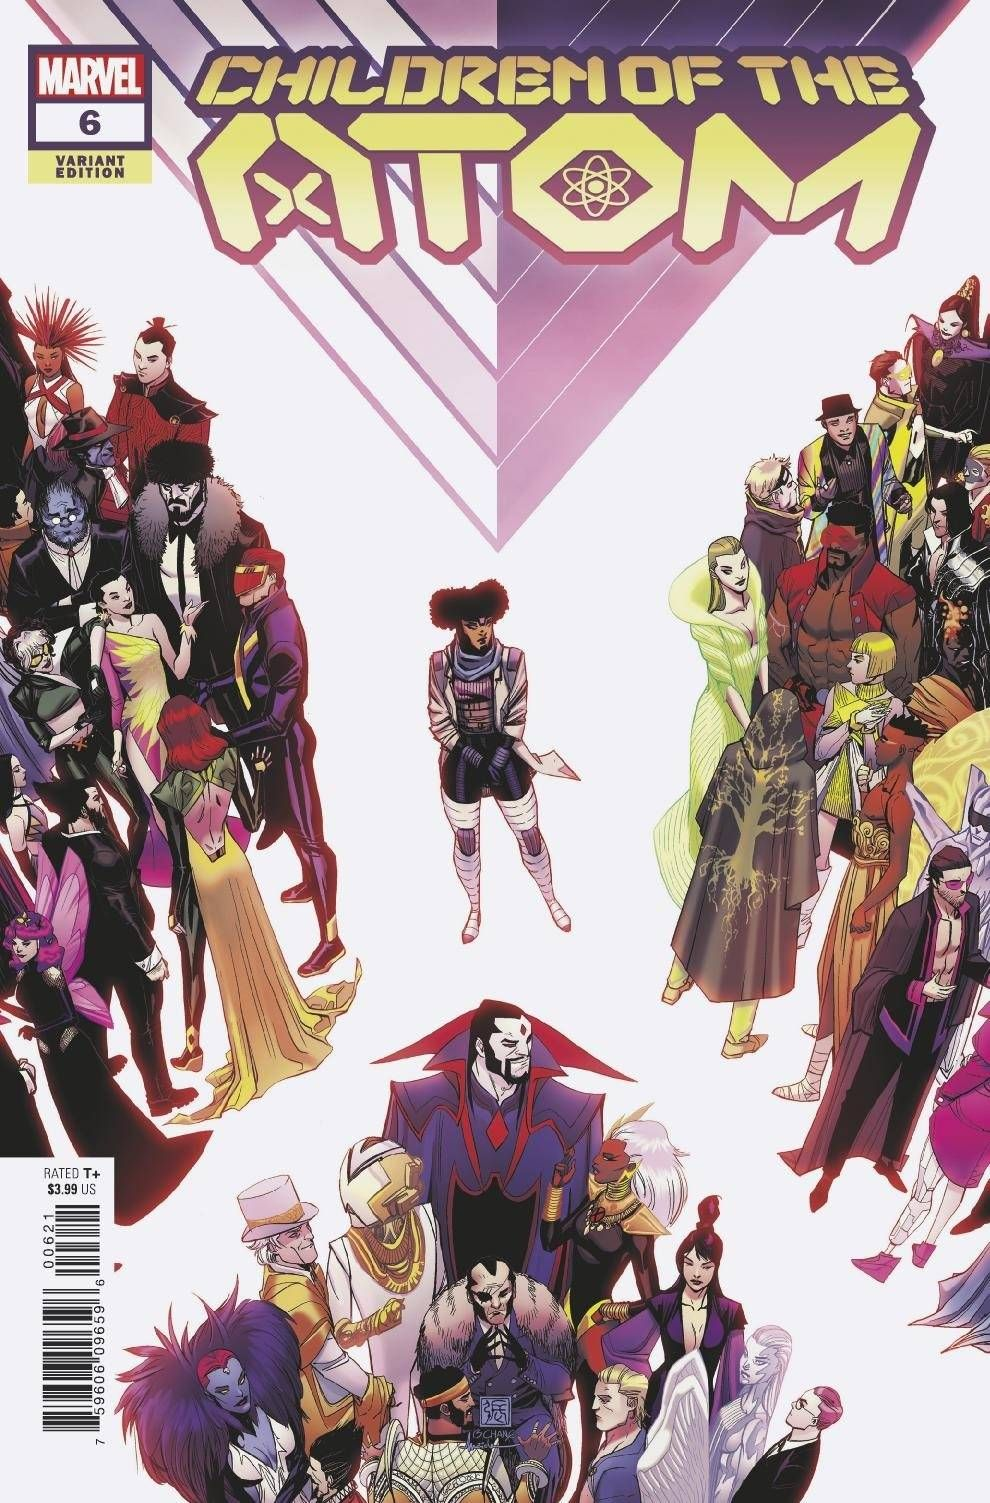 eyJidWNrZXQiOiJnb2NvbGxlY3QuaW1hZ2VzLnB1YiIsImtleSI6IjMyNmVkM2NkLTY2MDQtNDlkZS1hODQ4LWQyNWNjNTI3MzY3Ni5qcGciLCJlZGl0cyI6W119 ComicList: Marvel Comics New Releases for 08/11/2021